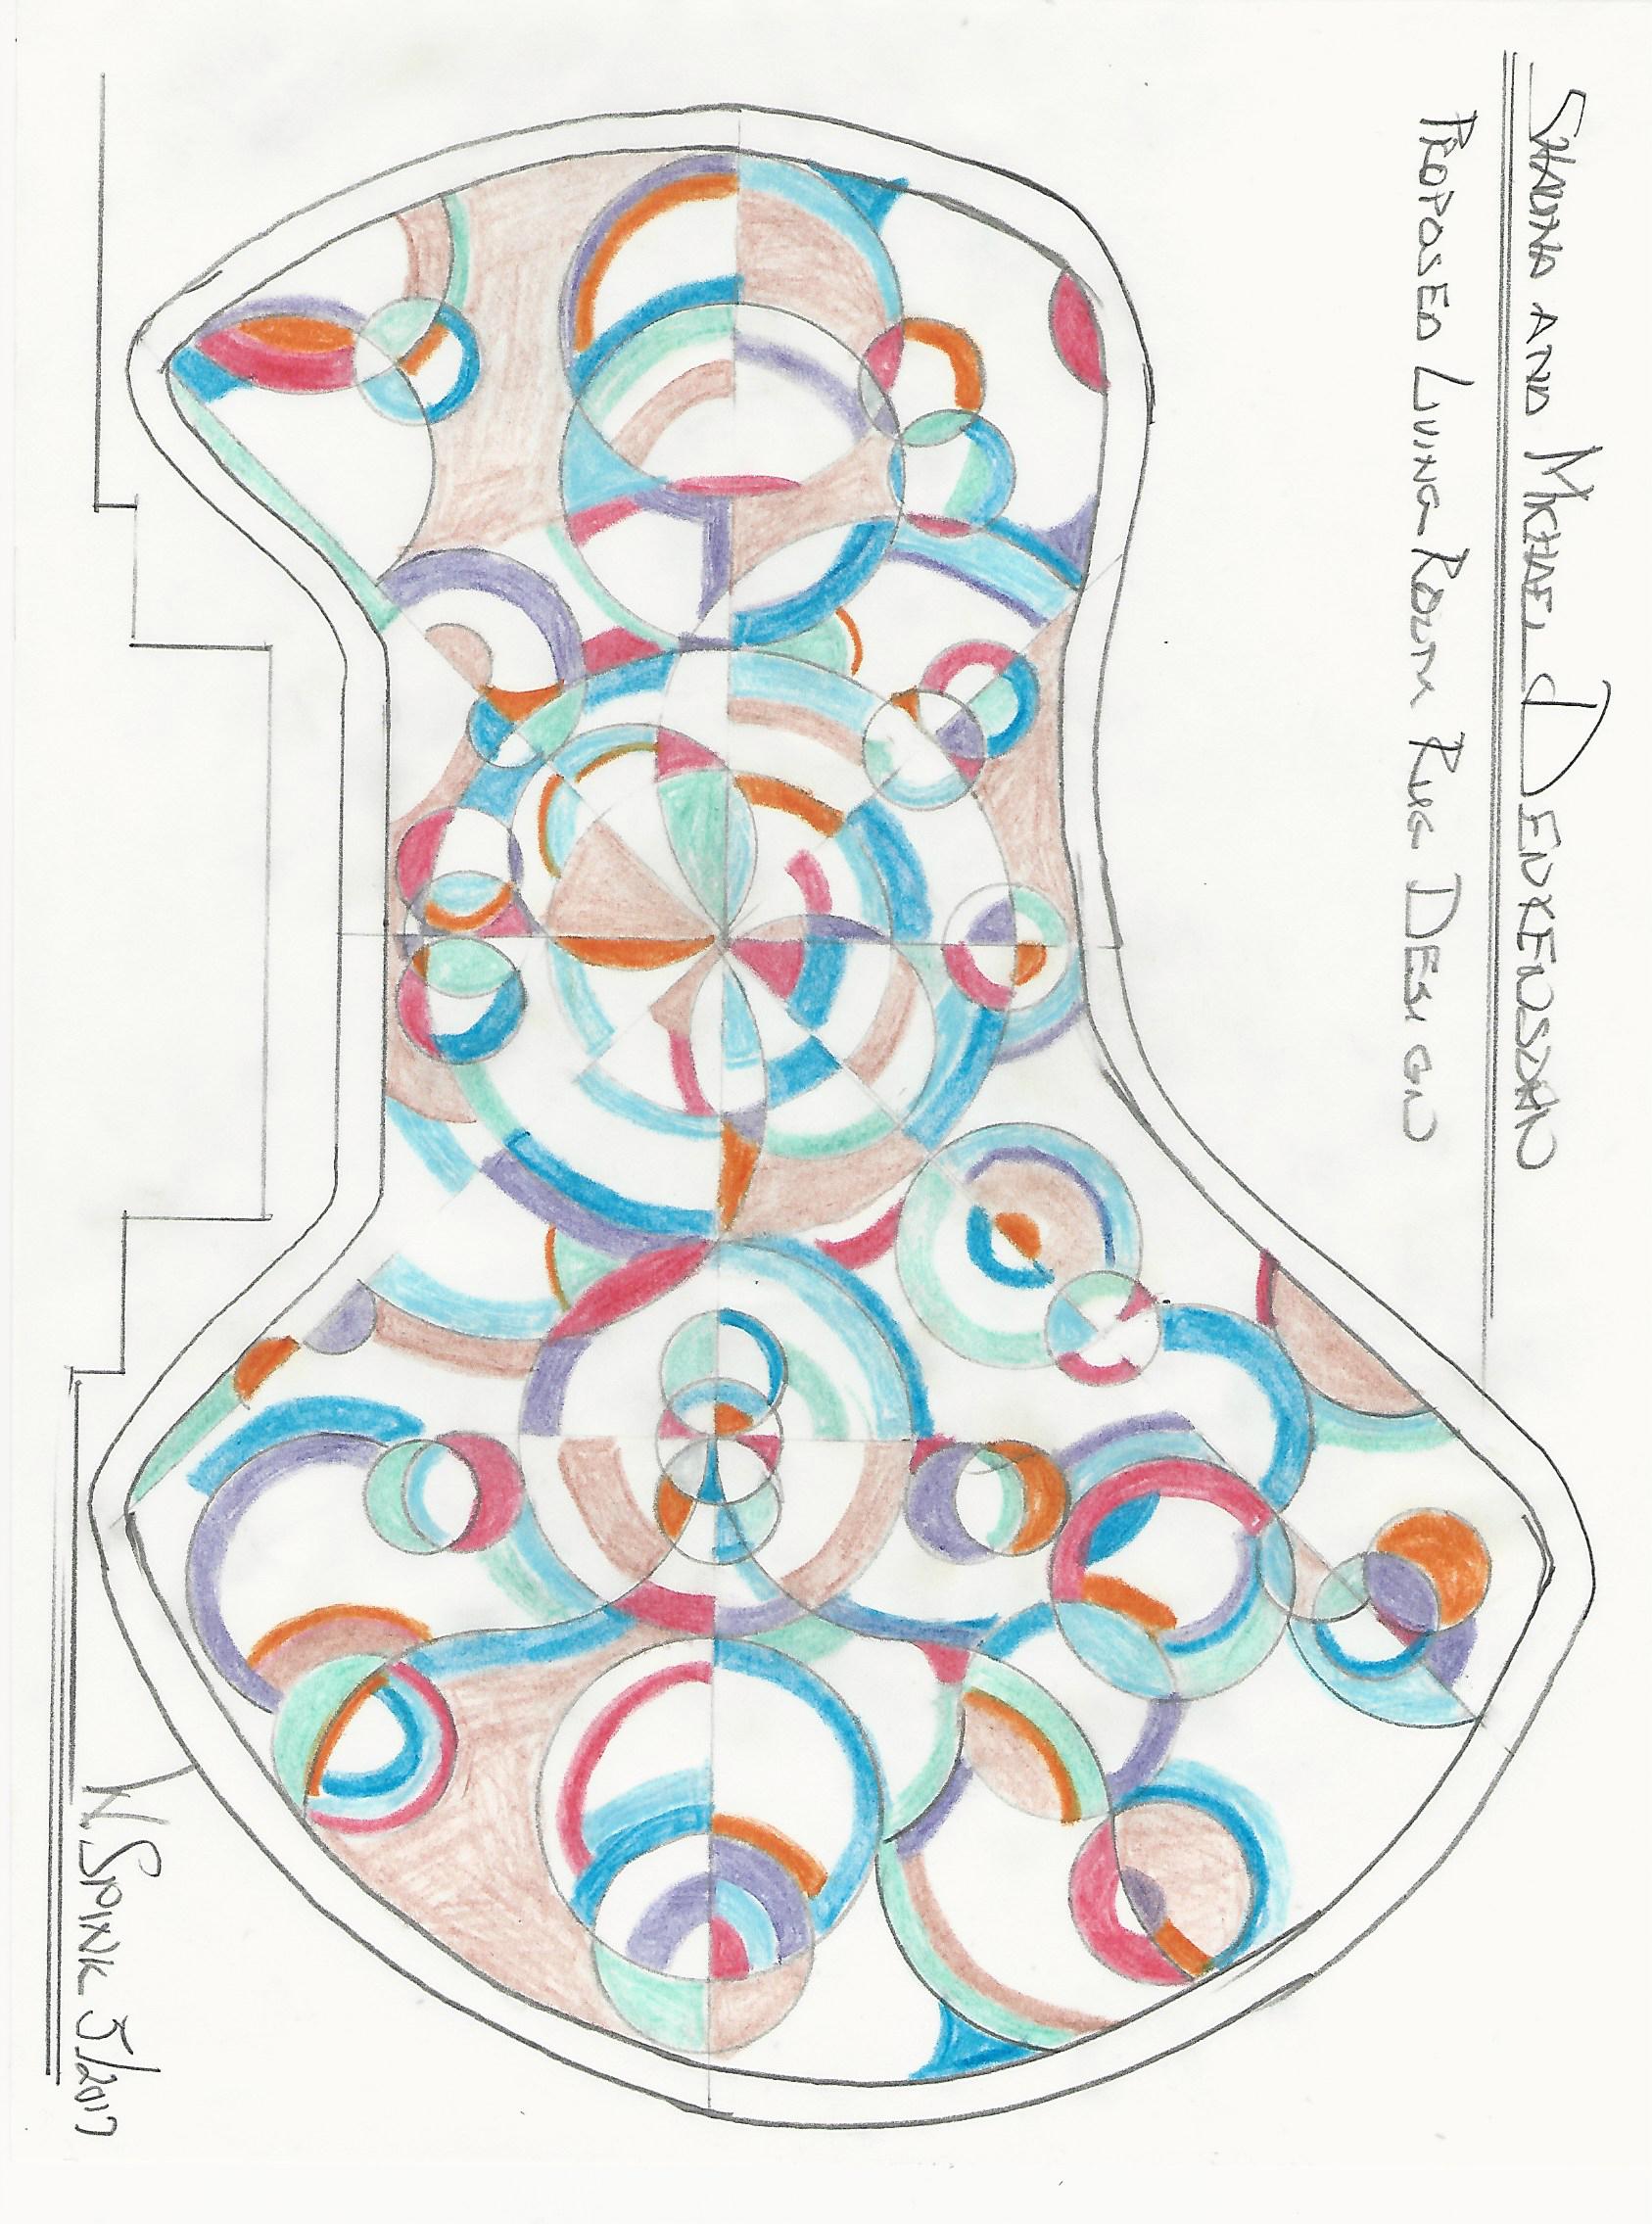 William Spink Carpet design